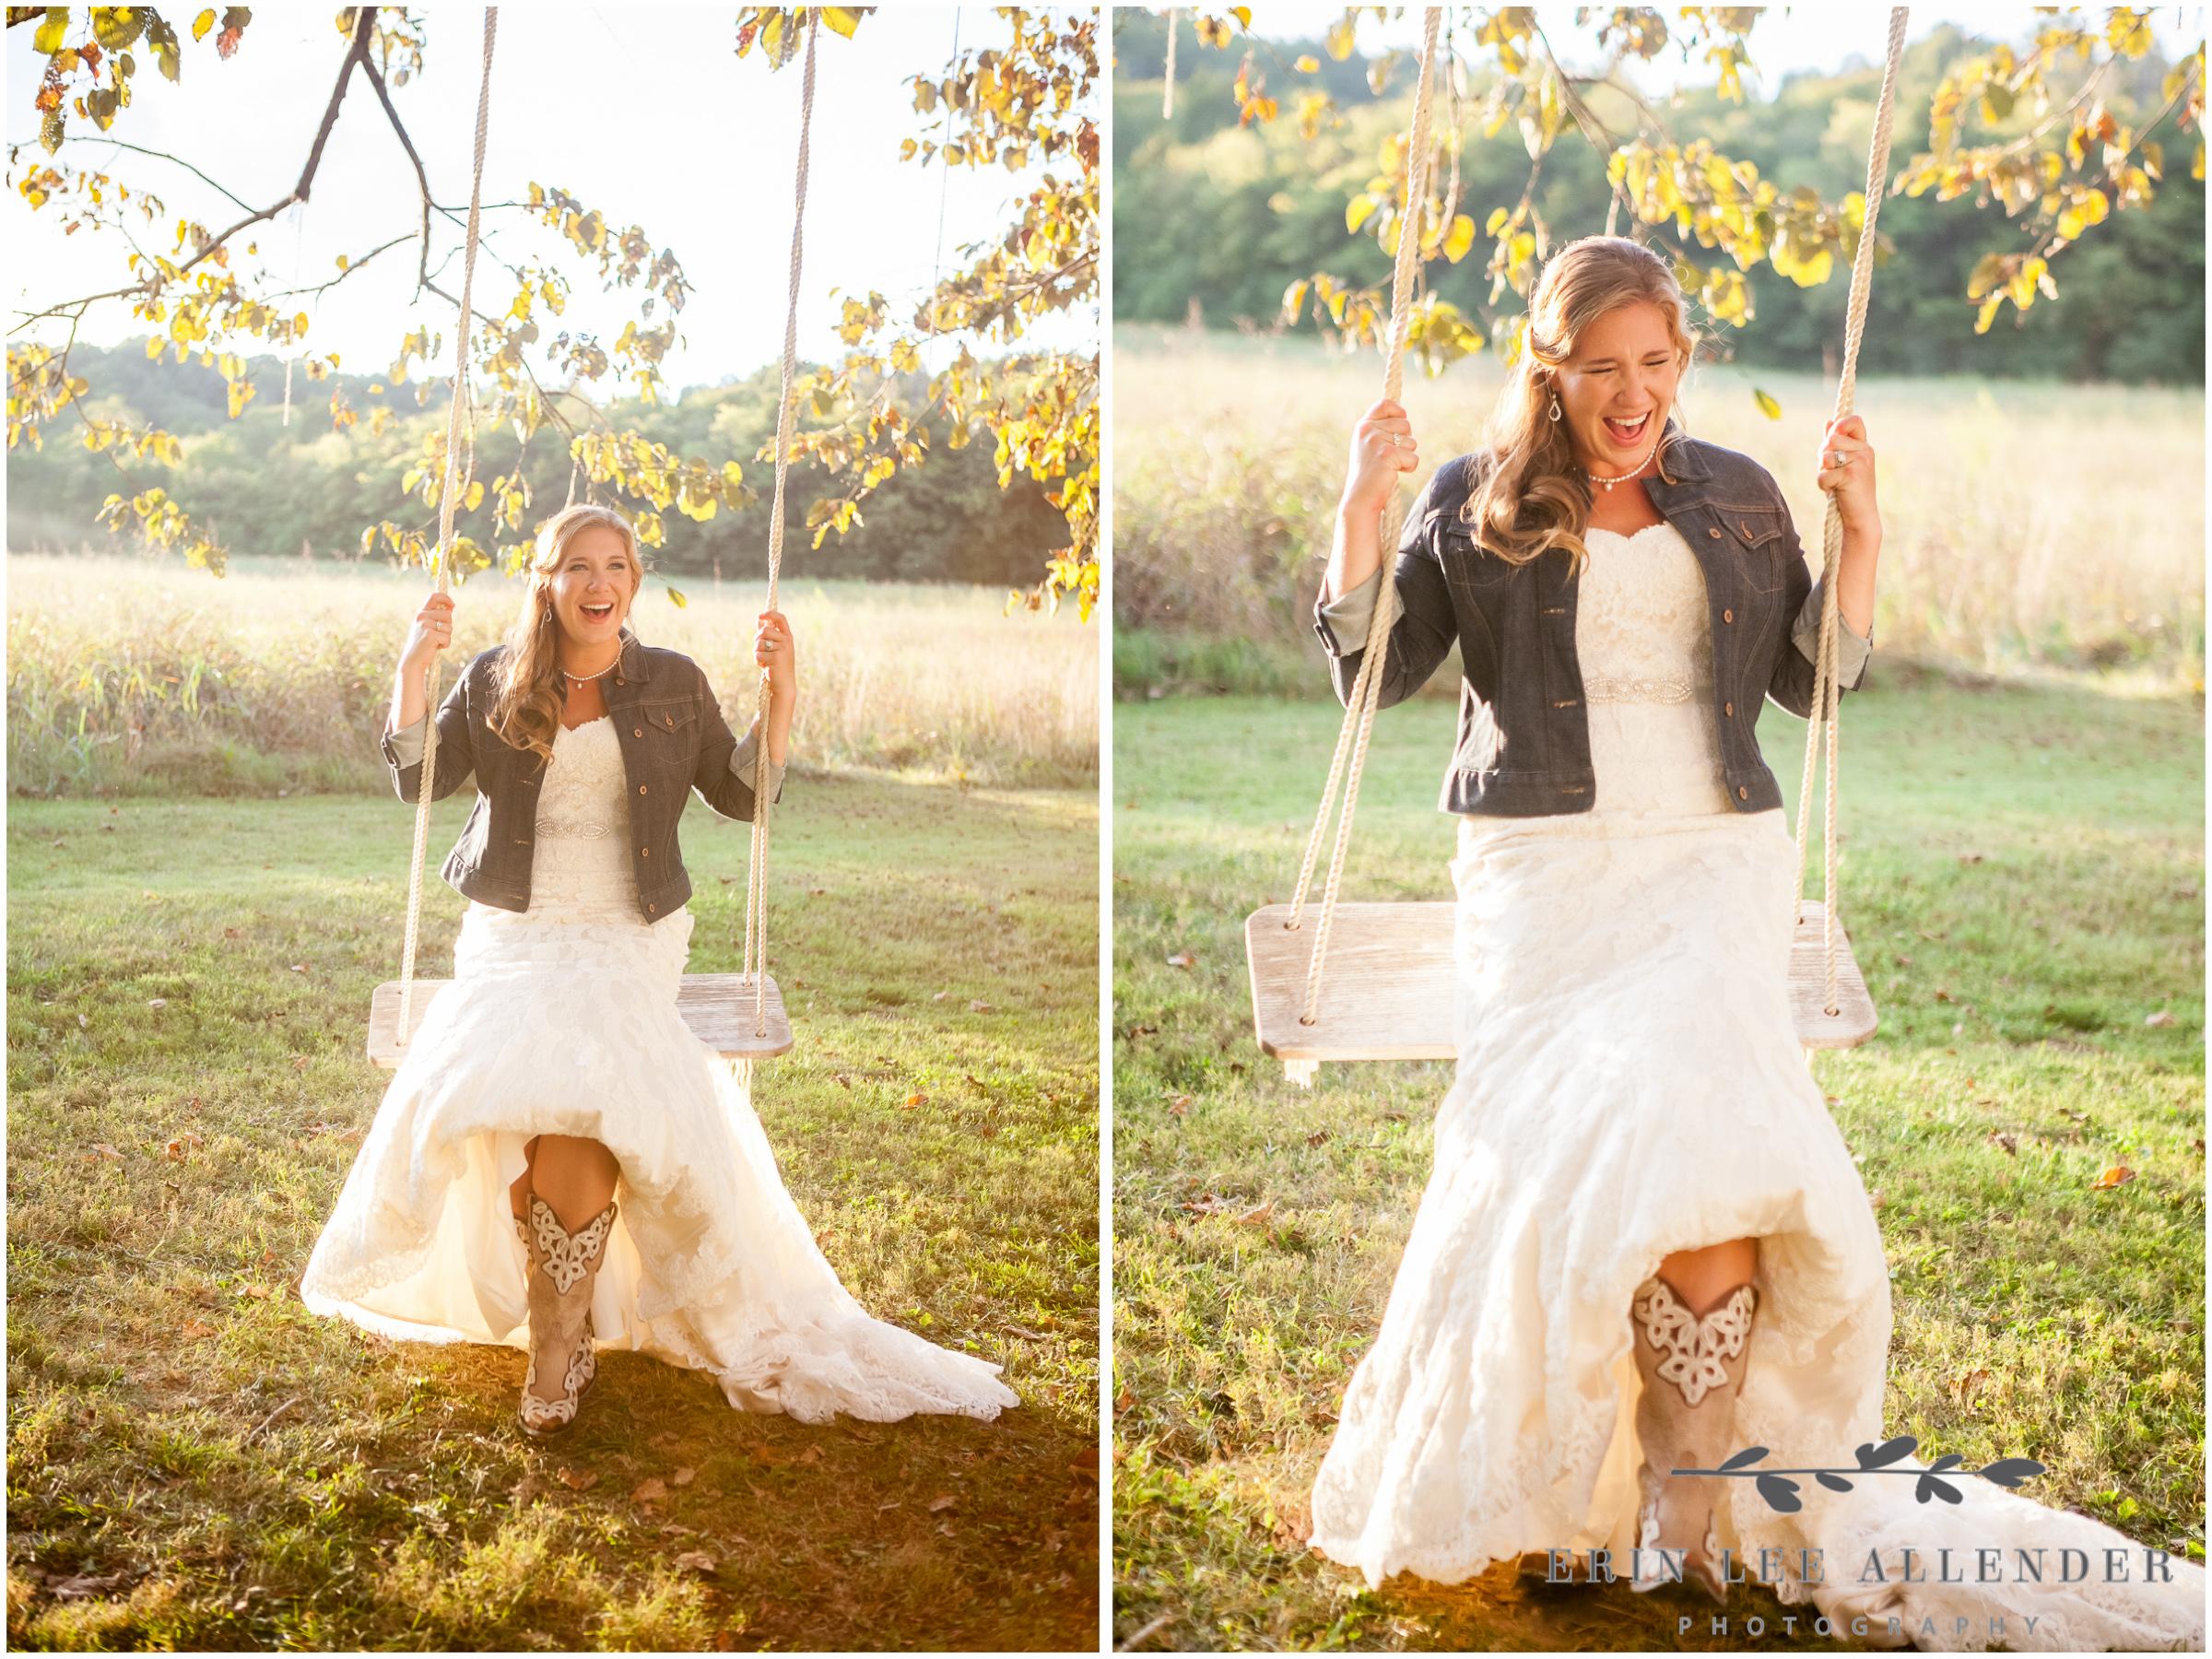 Bride_On_Swing